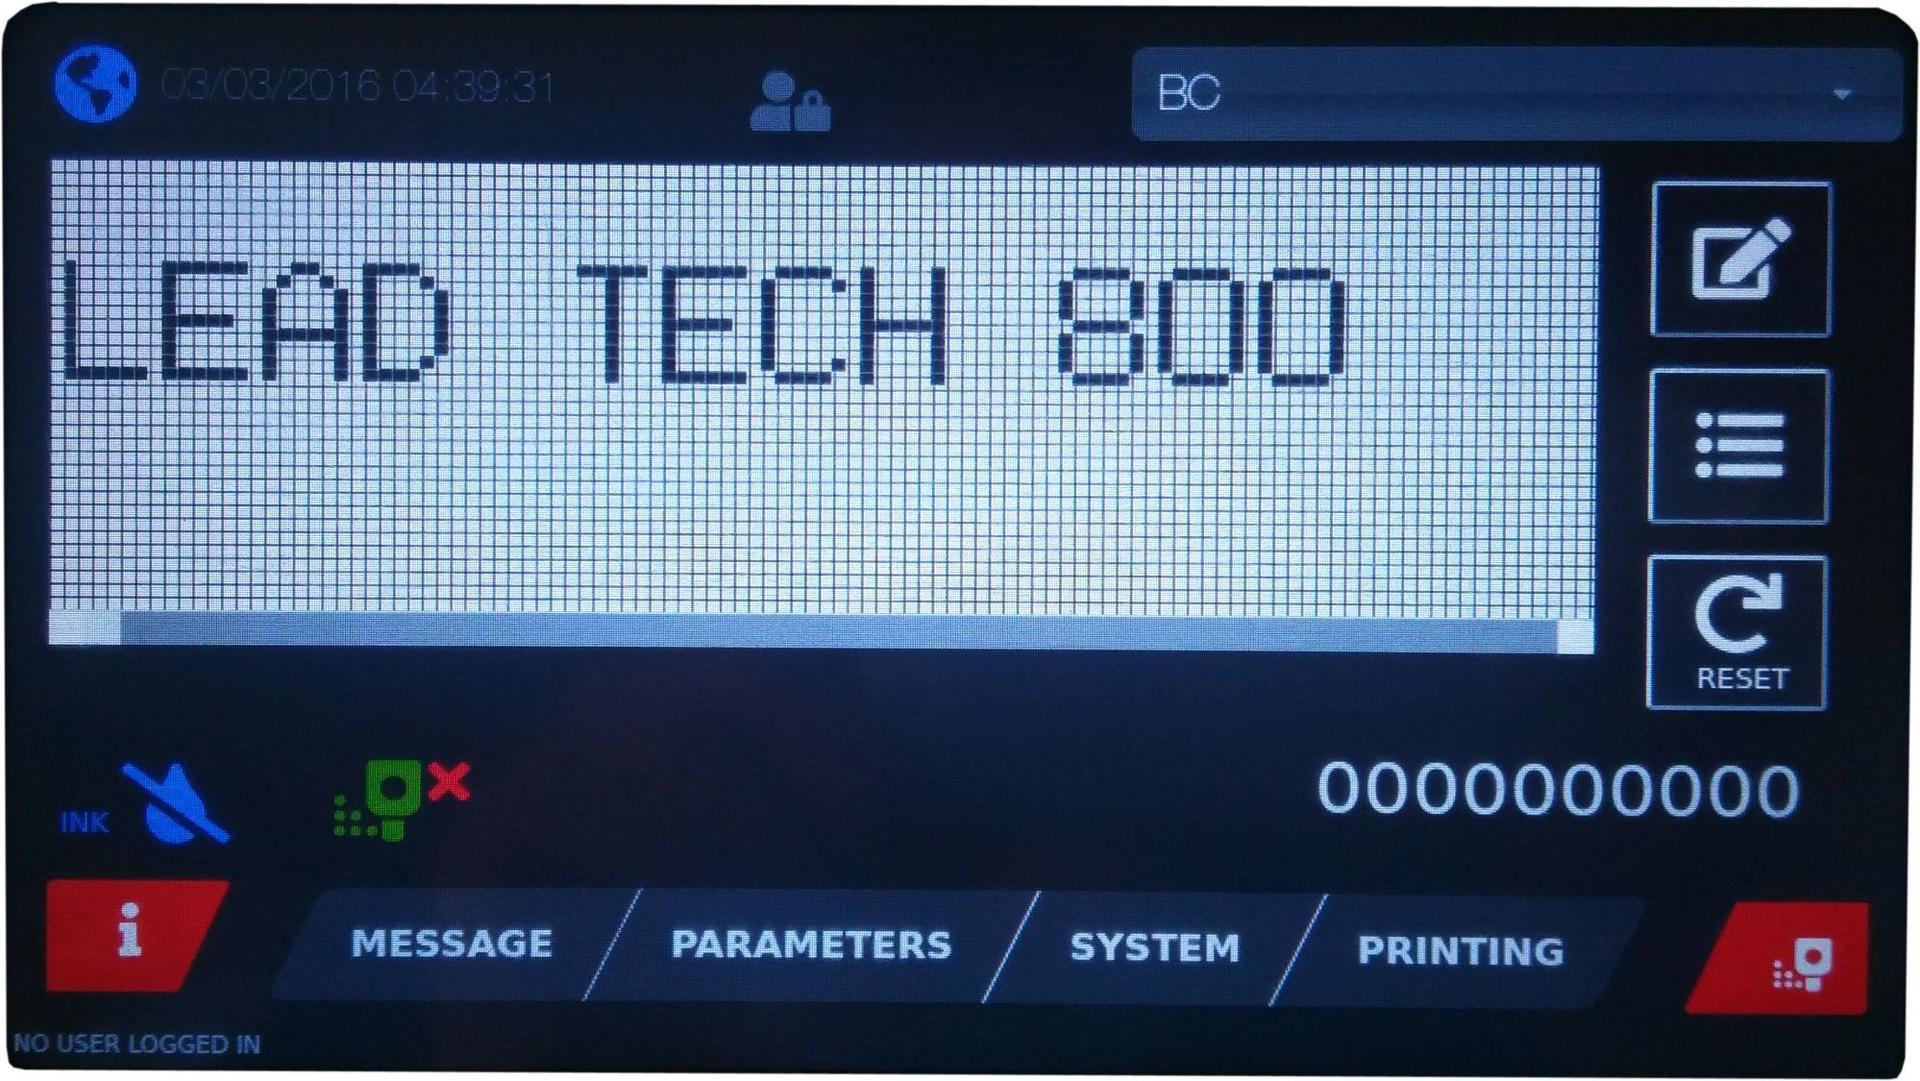 Lt800 Qr Code Cij Inkjet Printer